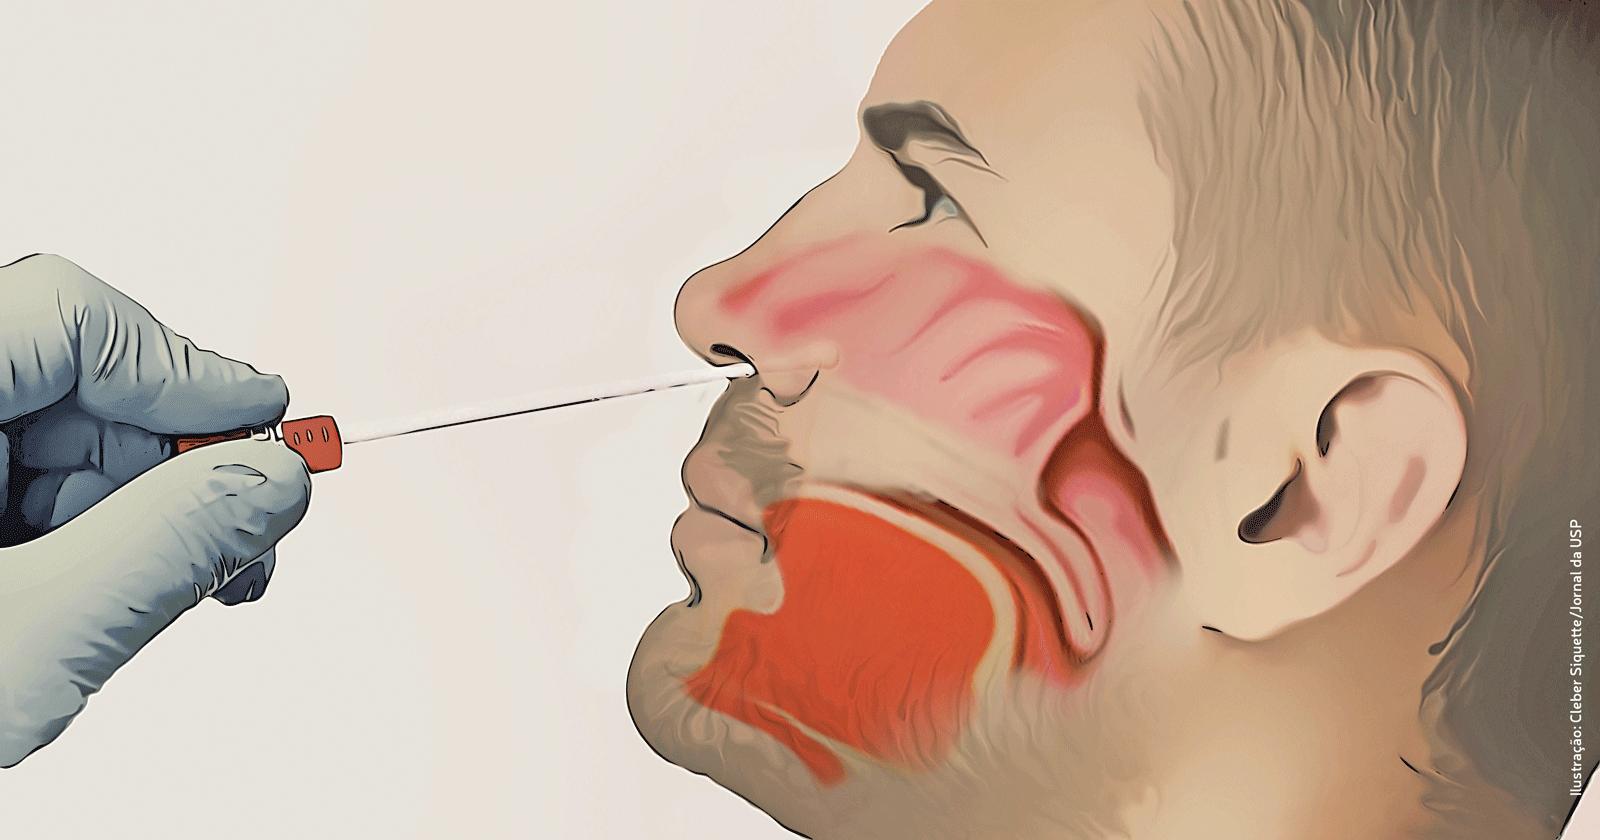 Cavidade Nasal SWAB Ilustração Cleber Siquette/Jornal da USP